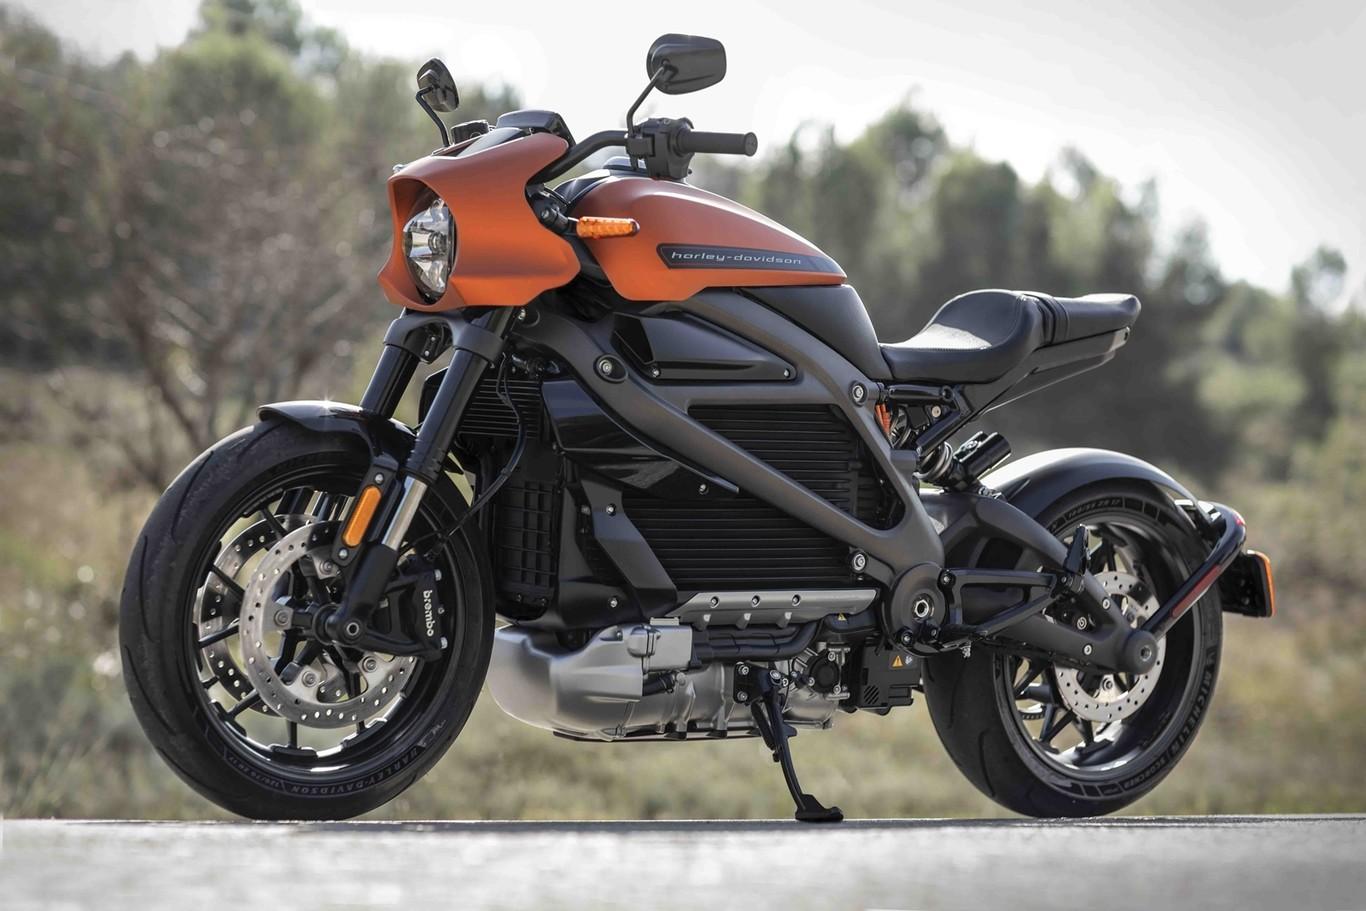 Harley-Davidson concreta datos de su moto eléctrica  hasta 225 km de  autonomía y 0-96 km h en 3 segundos 7b96fbd2000